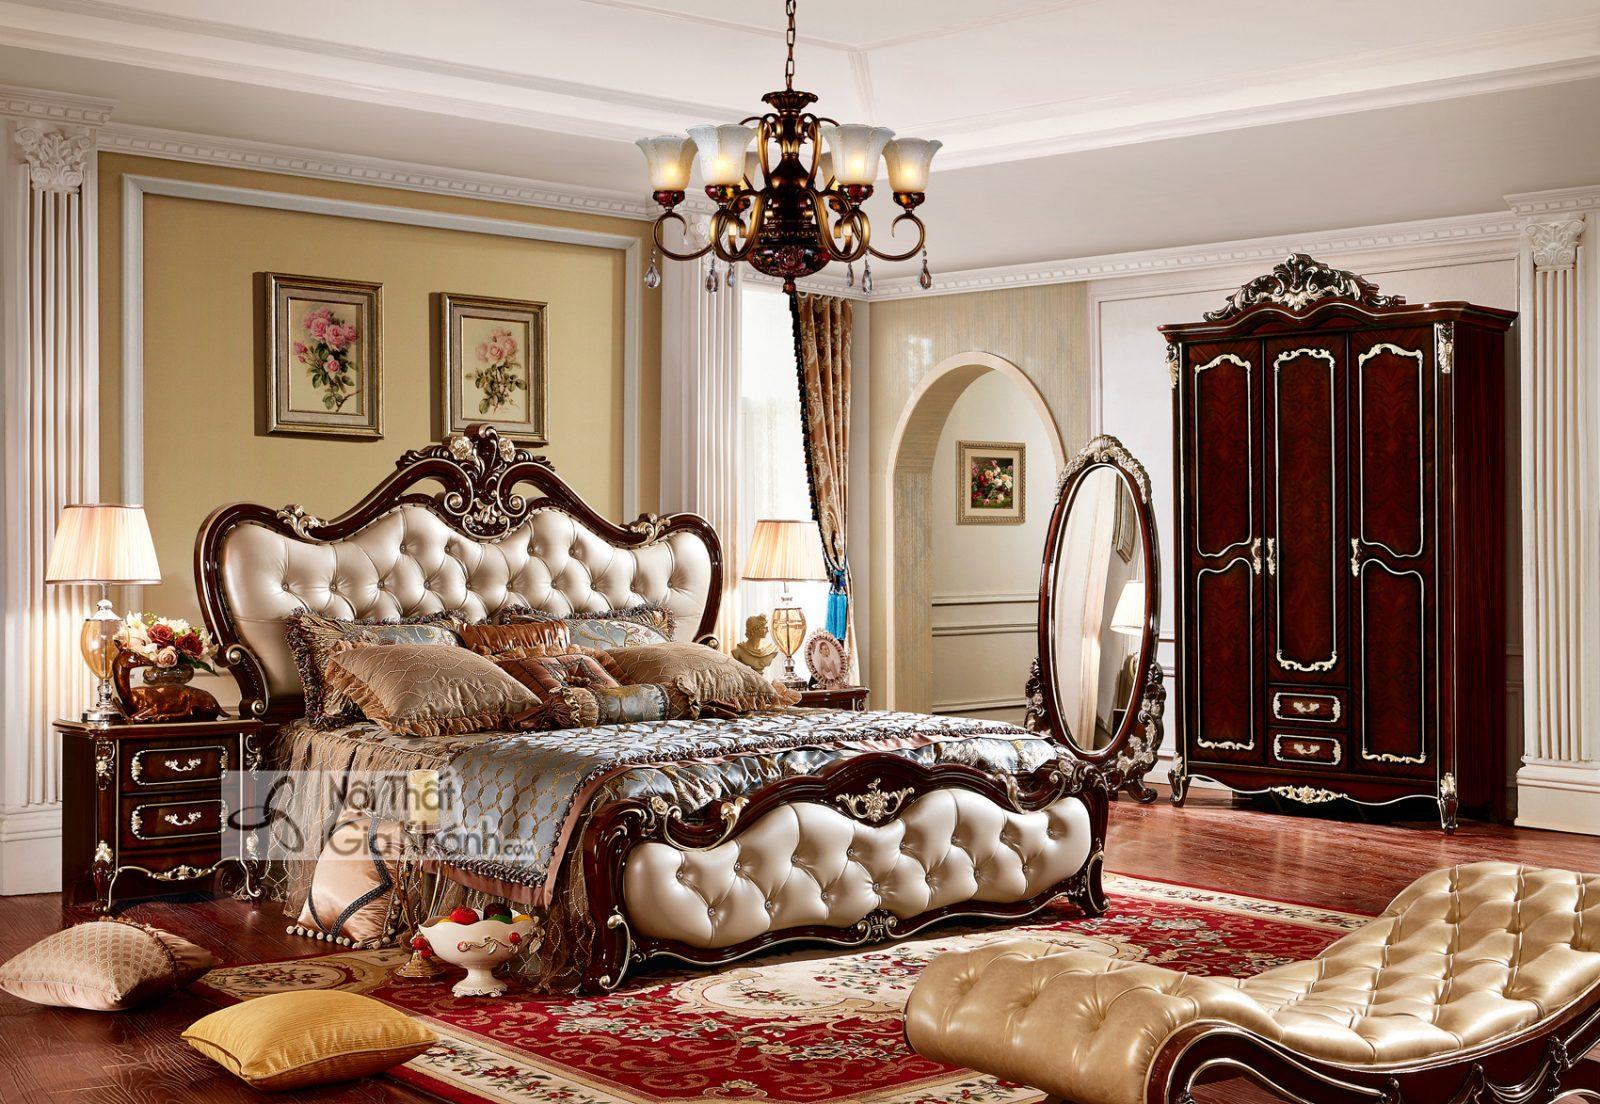 Mẫu giường tân cổ điển cao cấp màu nâu GI8802G